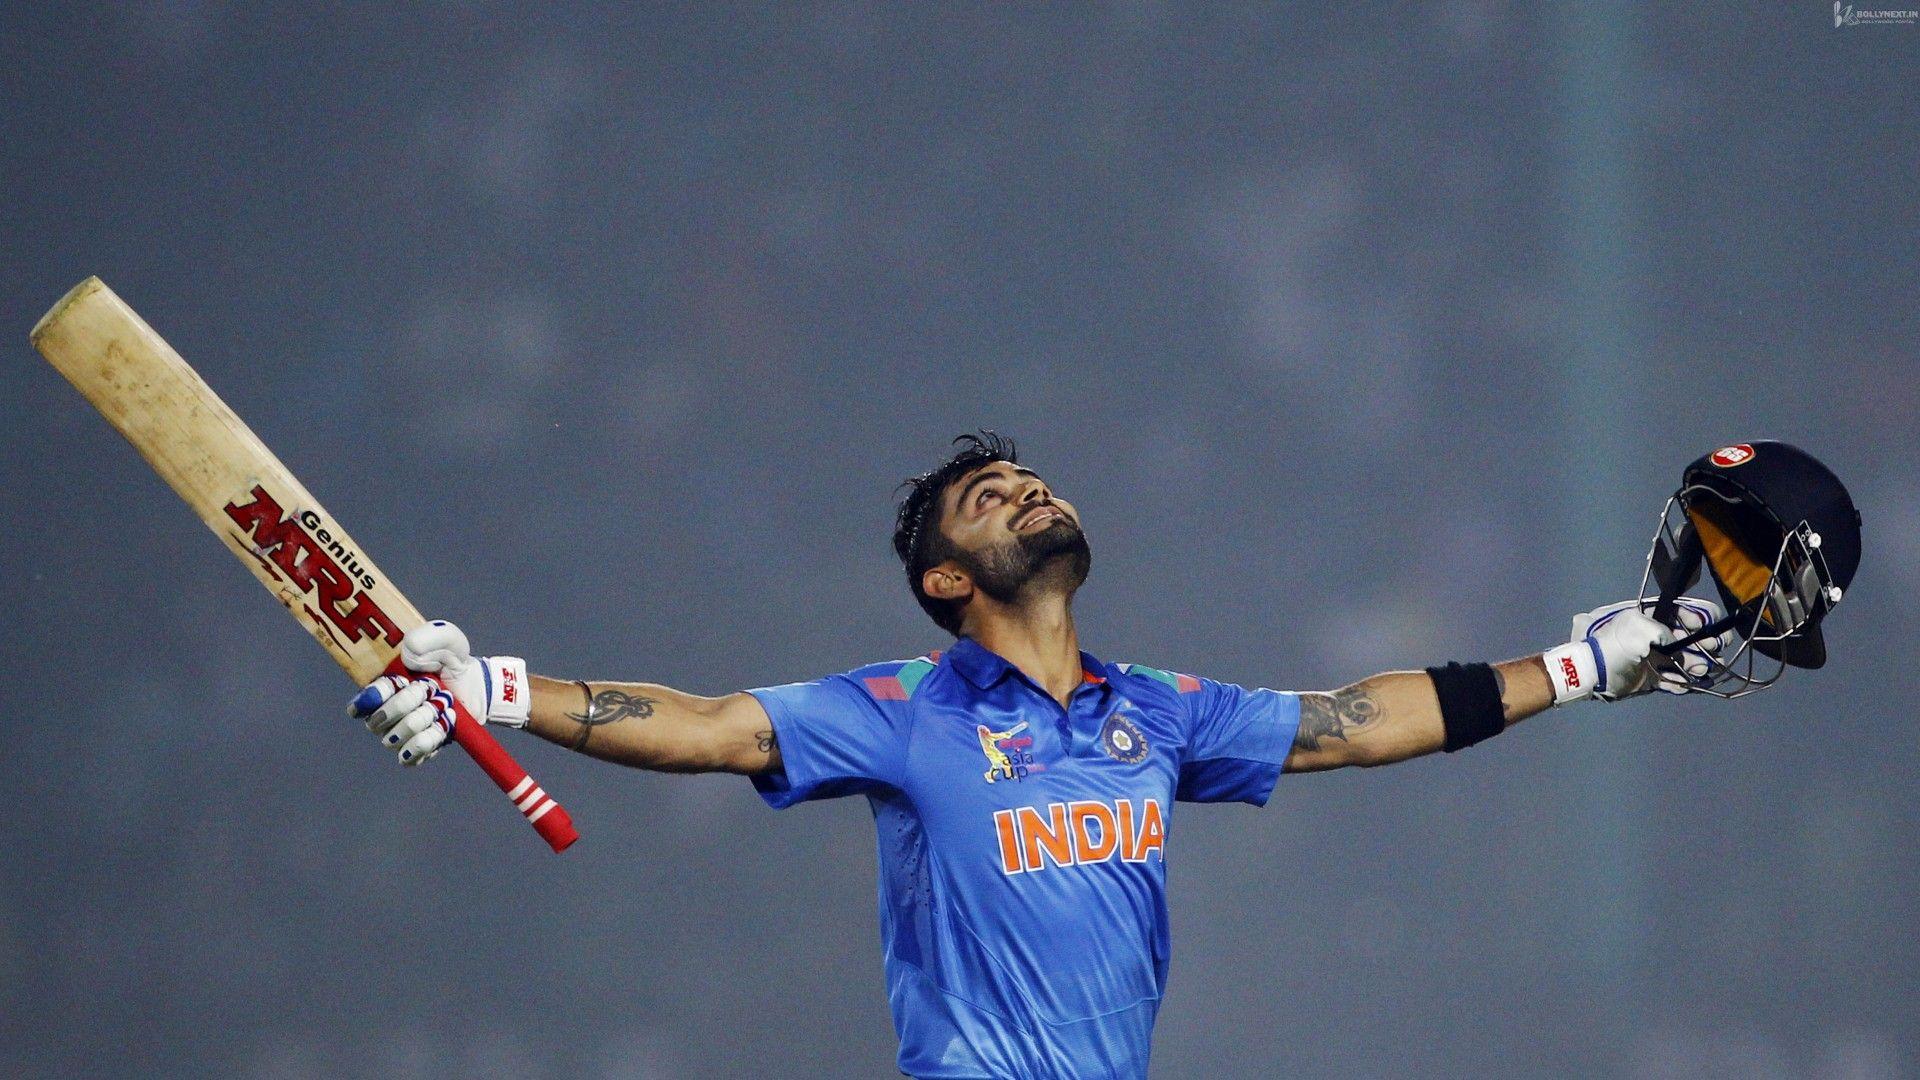 Image For Virat Kohli Indian Cricketer Hd Wallpaper Free Download